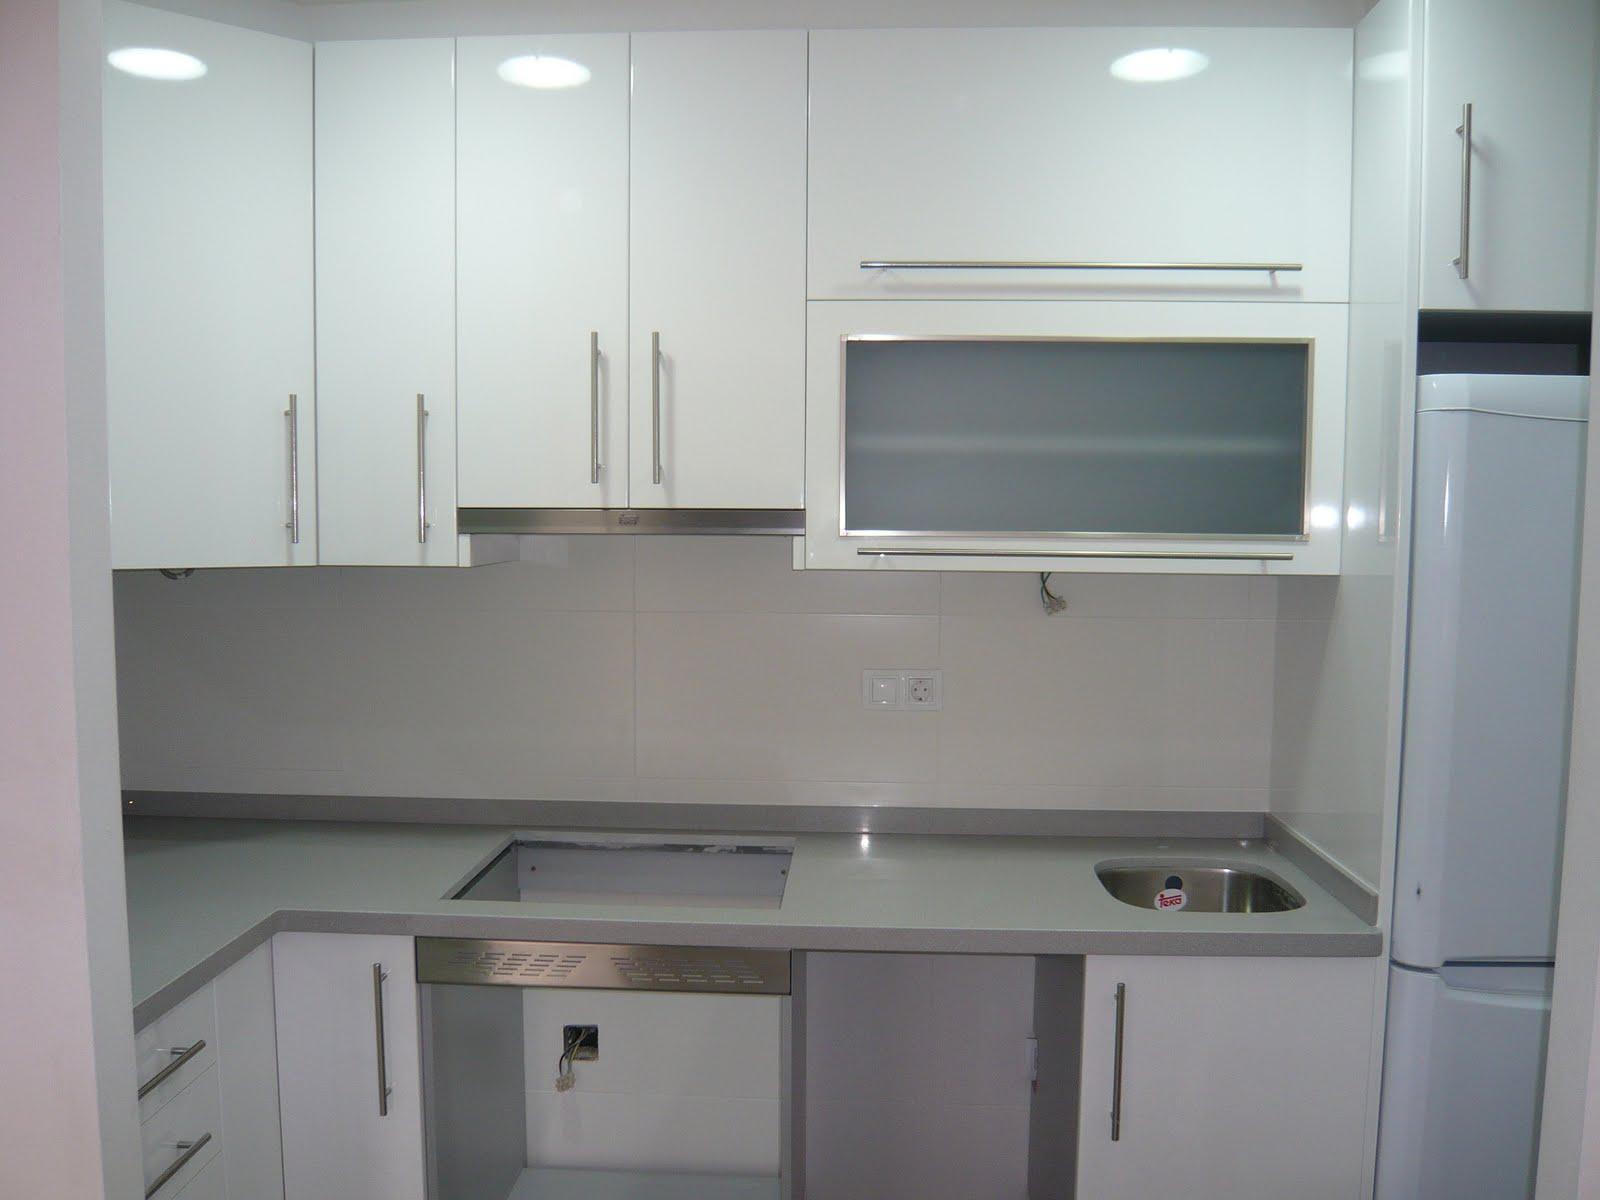 Pz c muebles de cocina for Muebles de cocina gris